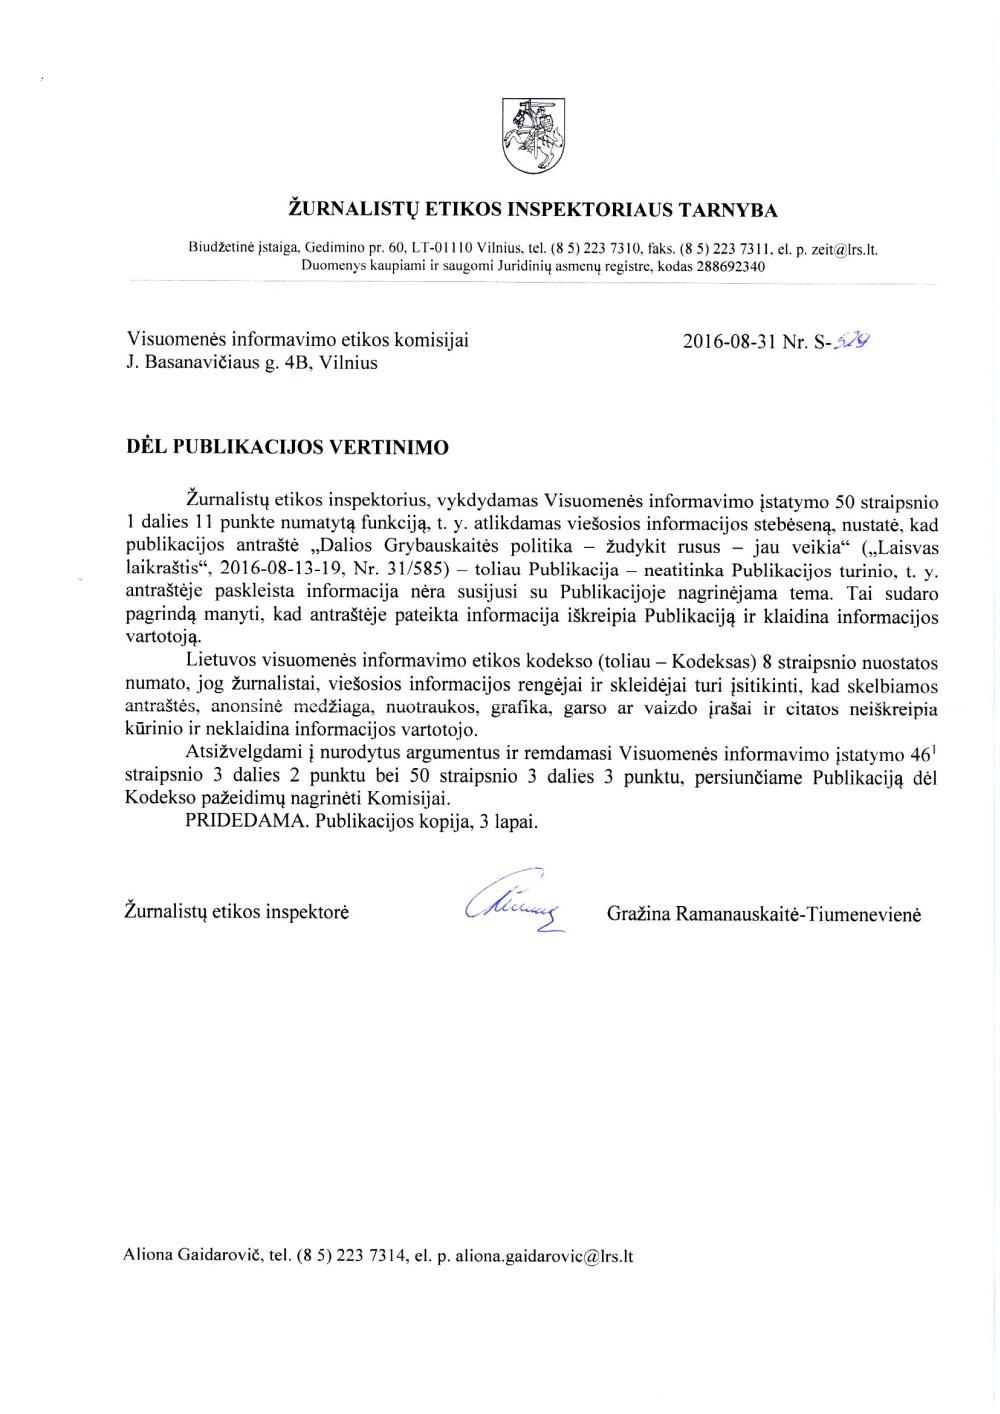 """ZEIT bando užčiaupti D.Grybauskaitės kritiką """"Laisvame laikraštyje"""""""